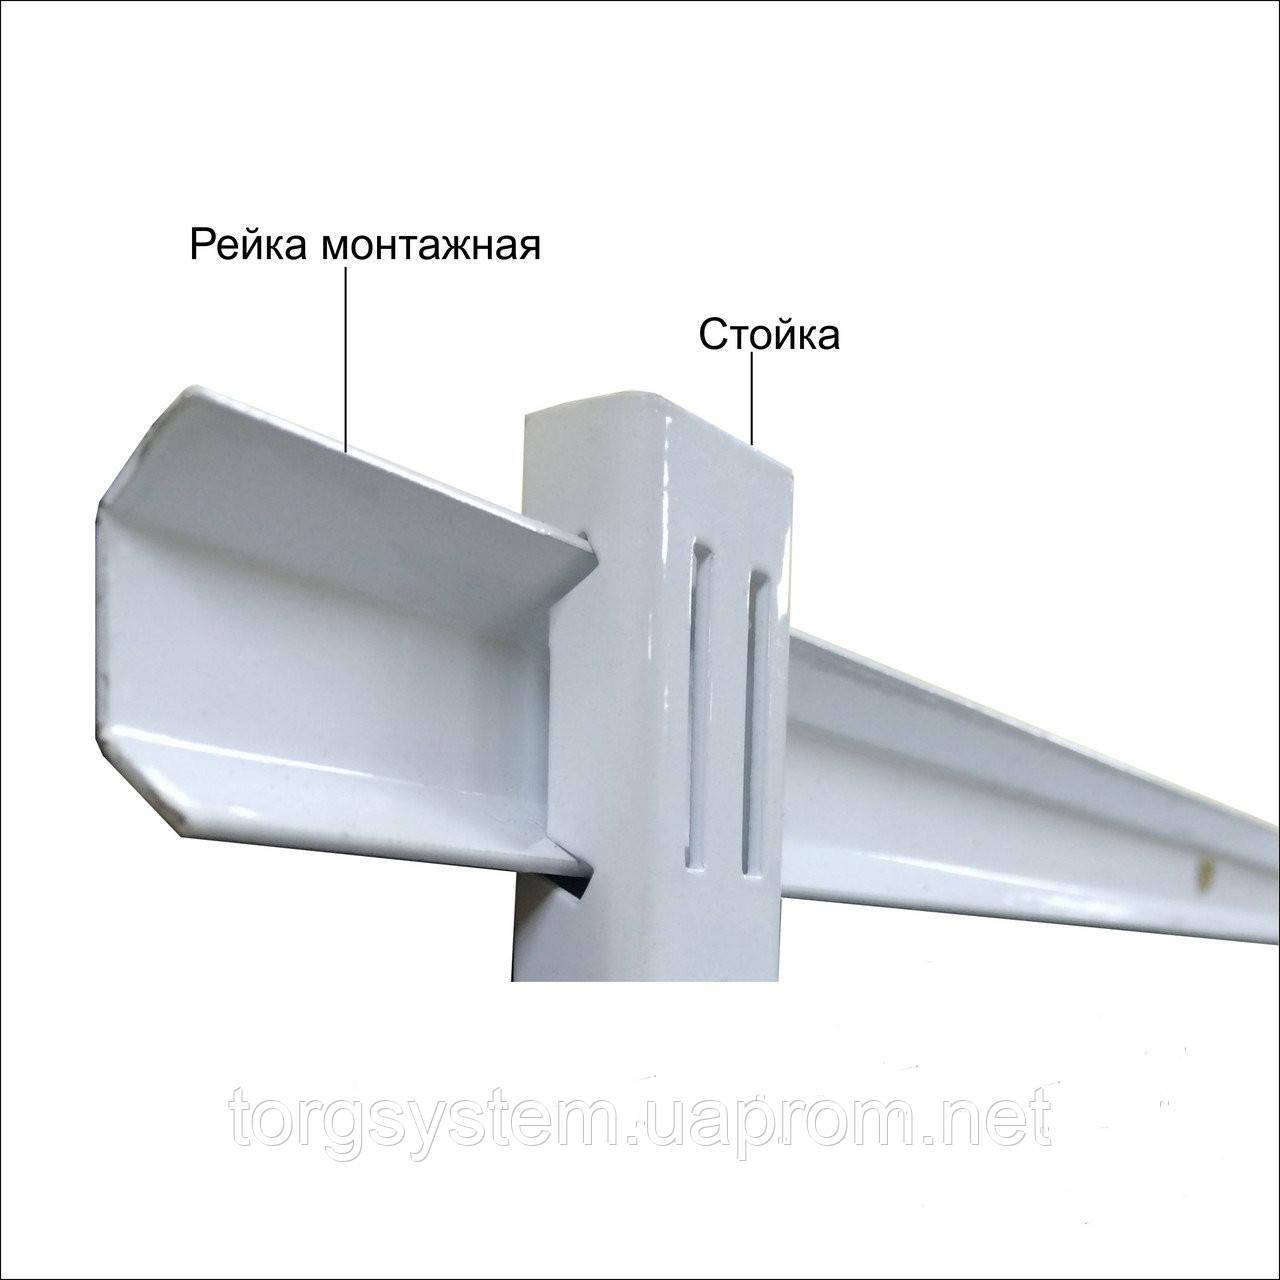 Рейка монтажная для крепления стоек в гардеробной системы 2000 мм